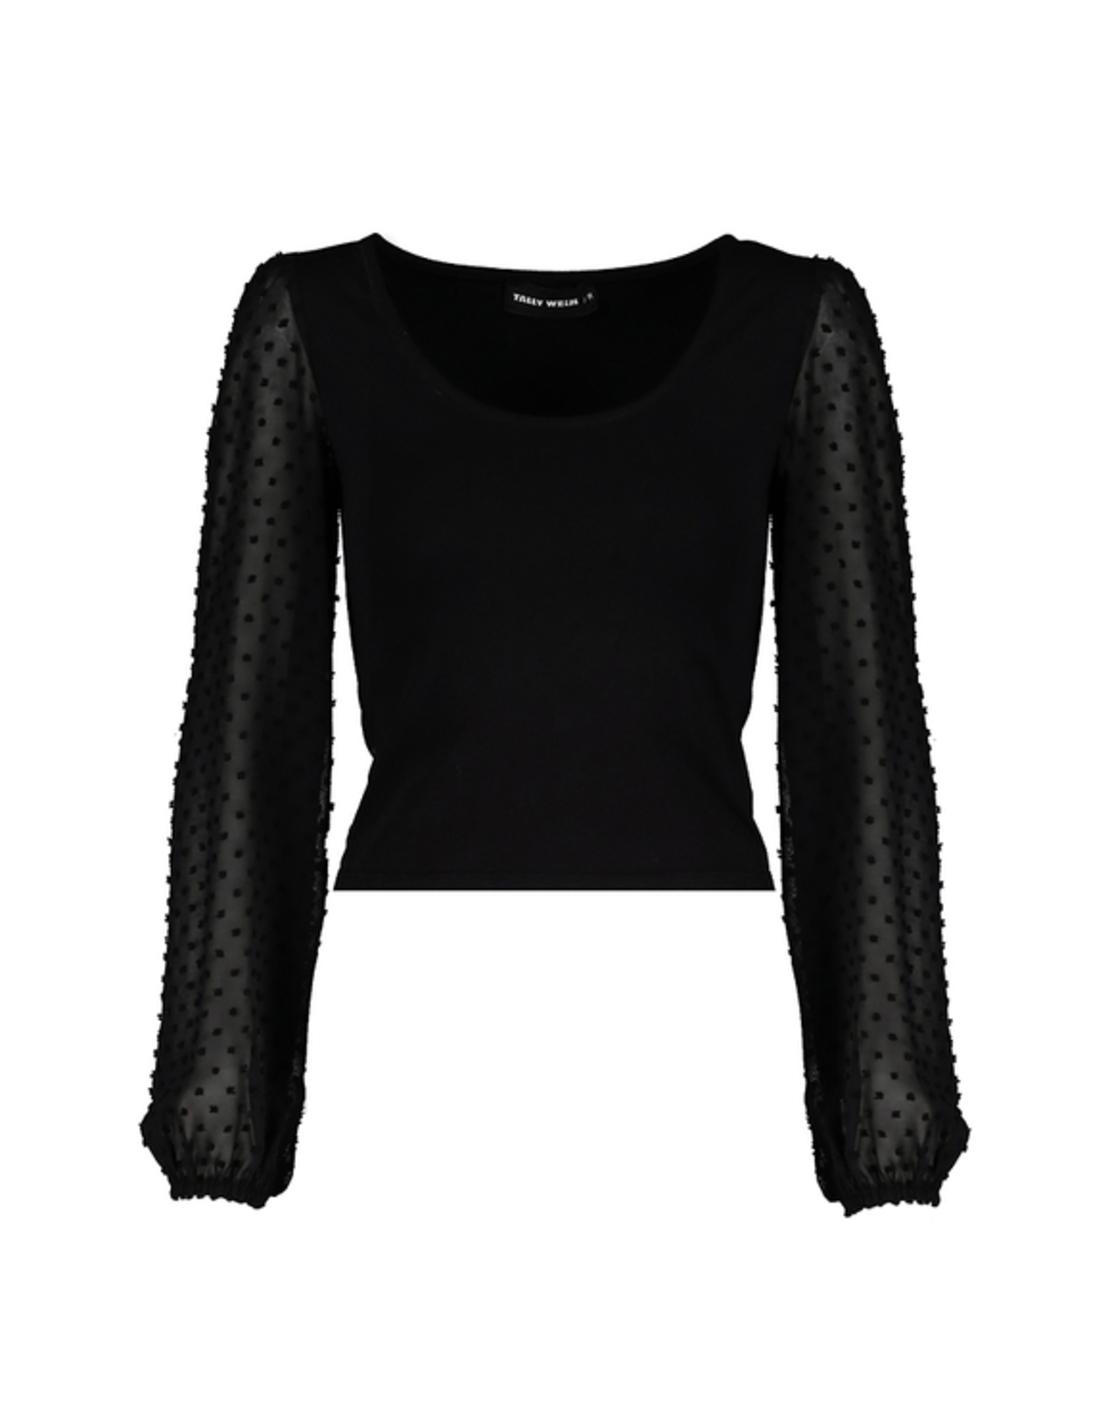 STSCOPESTA-HH חולצה שרוול שיפון נפוח